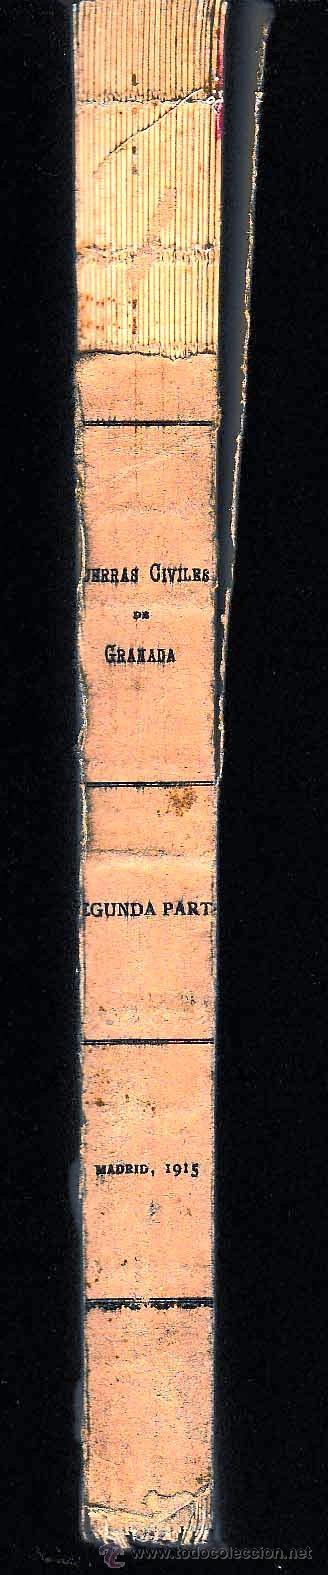 Libros antiguos: Daño en lomo - Foto 2 - 54220452